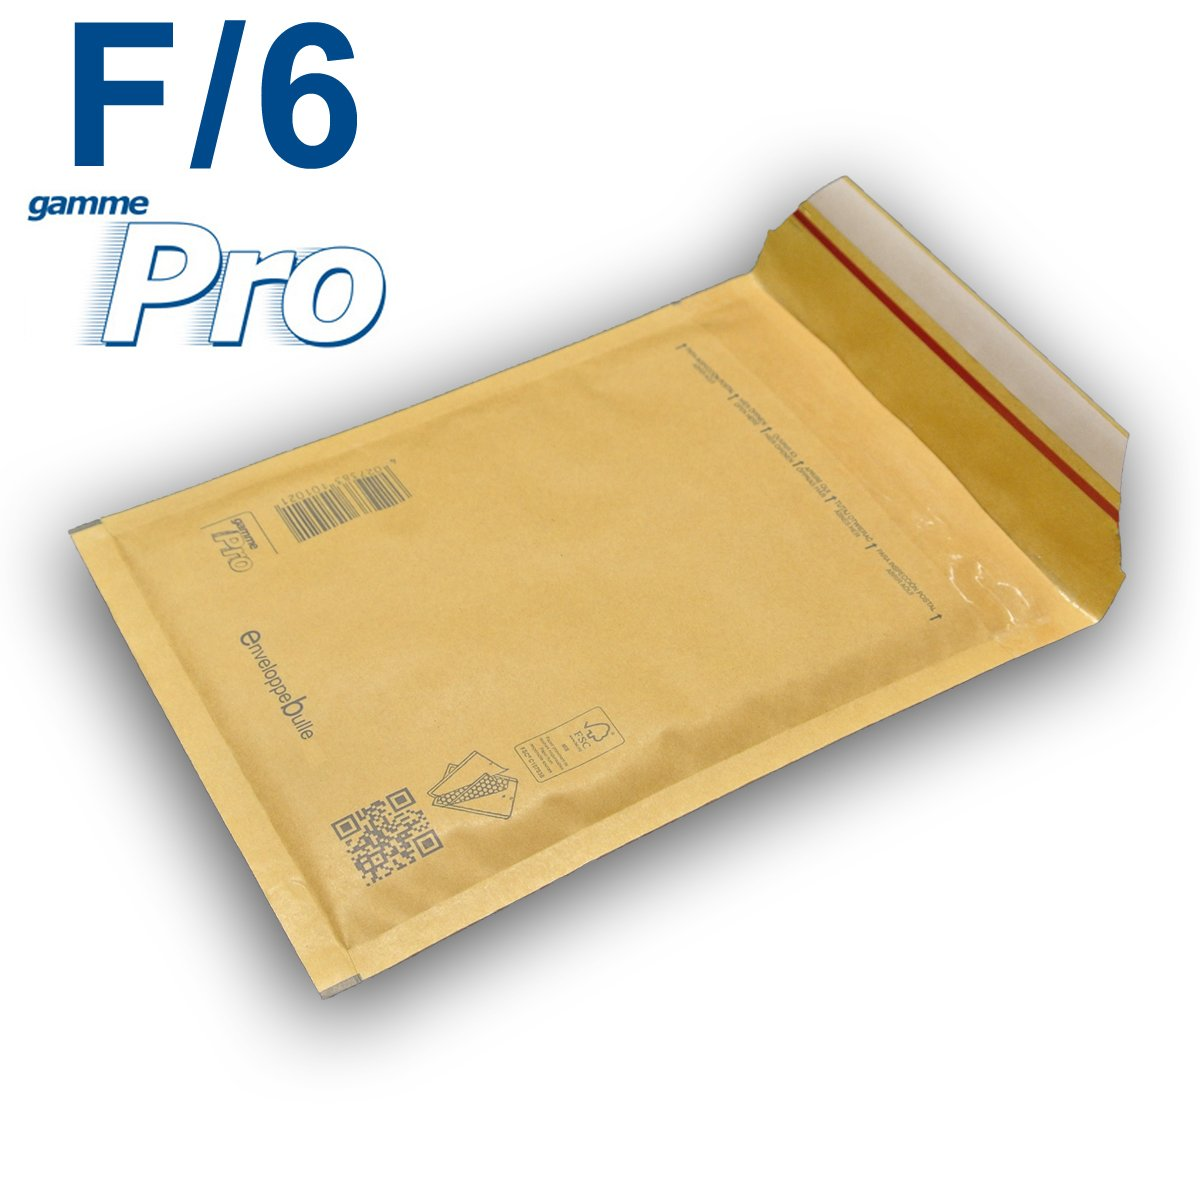 Lot de 400 enveloppes à bulles *MARRON* gamme PRO F/6 format 210x335mm enveloppebulle